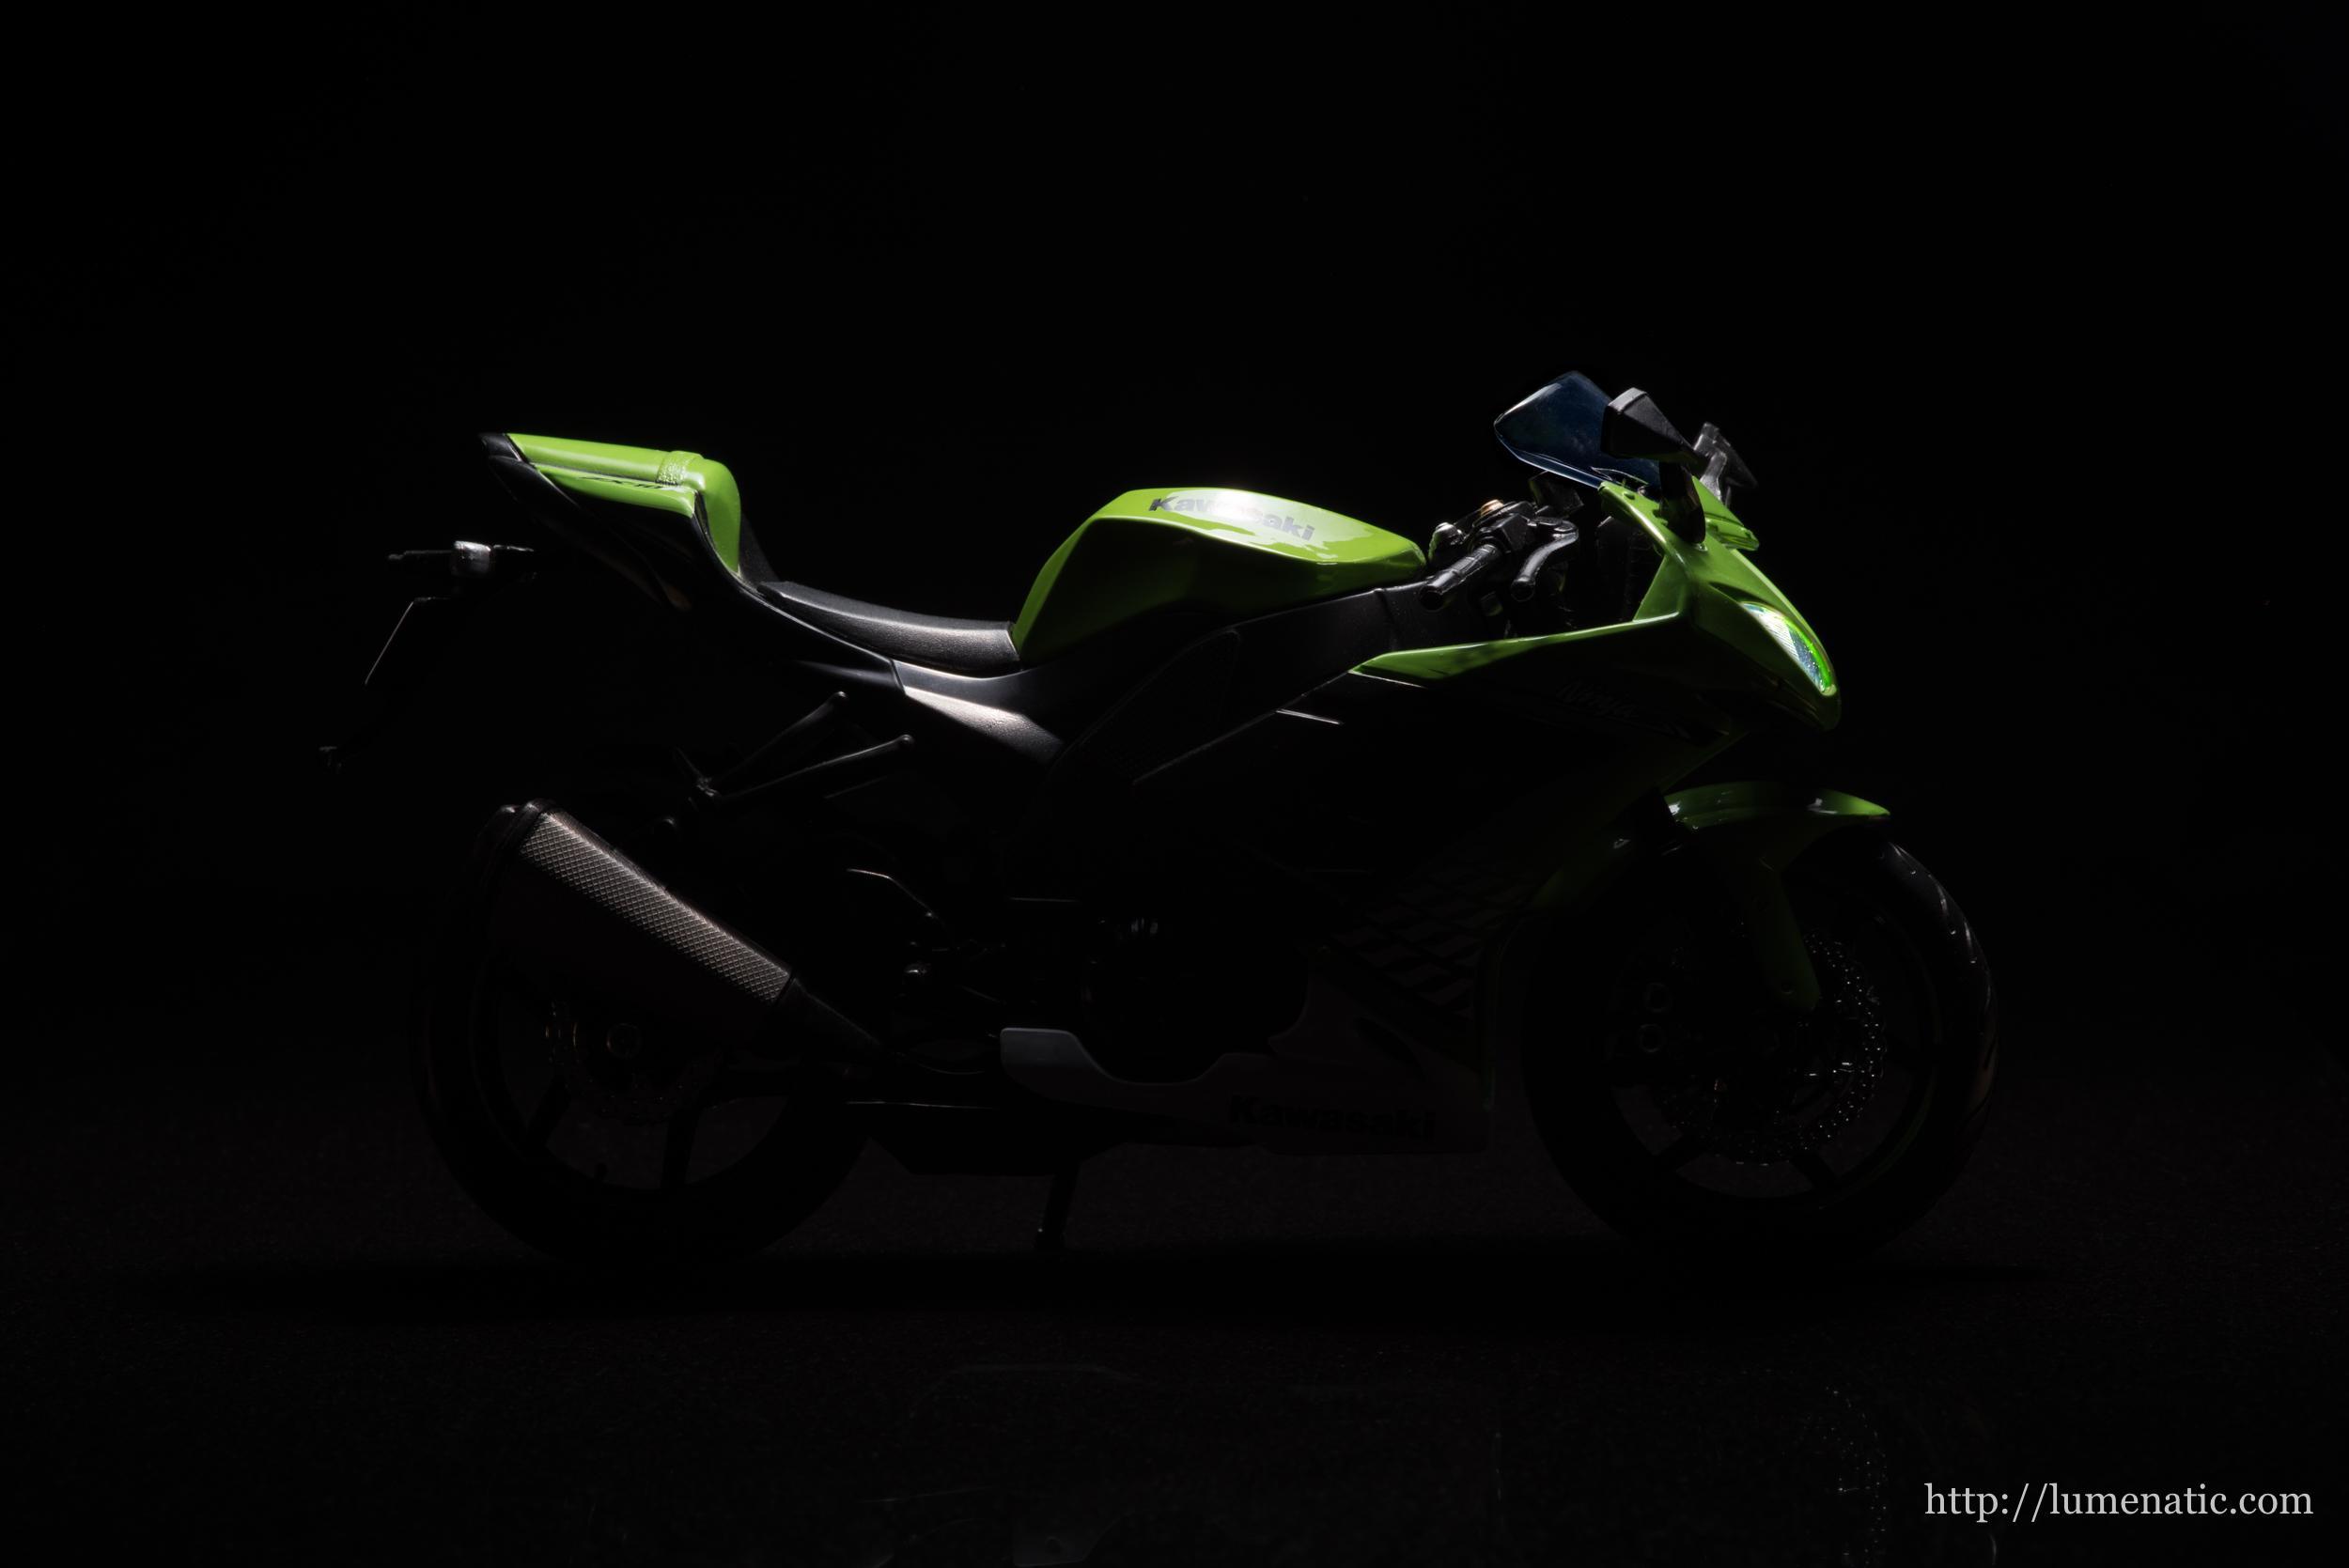 Modelle im Studio: BMW und Kawasaki